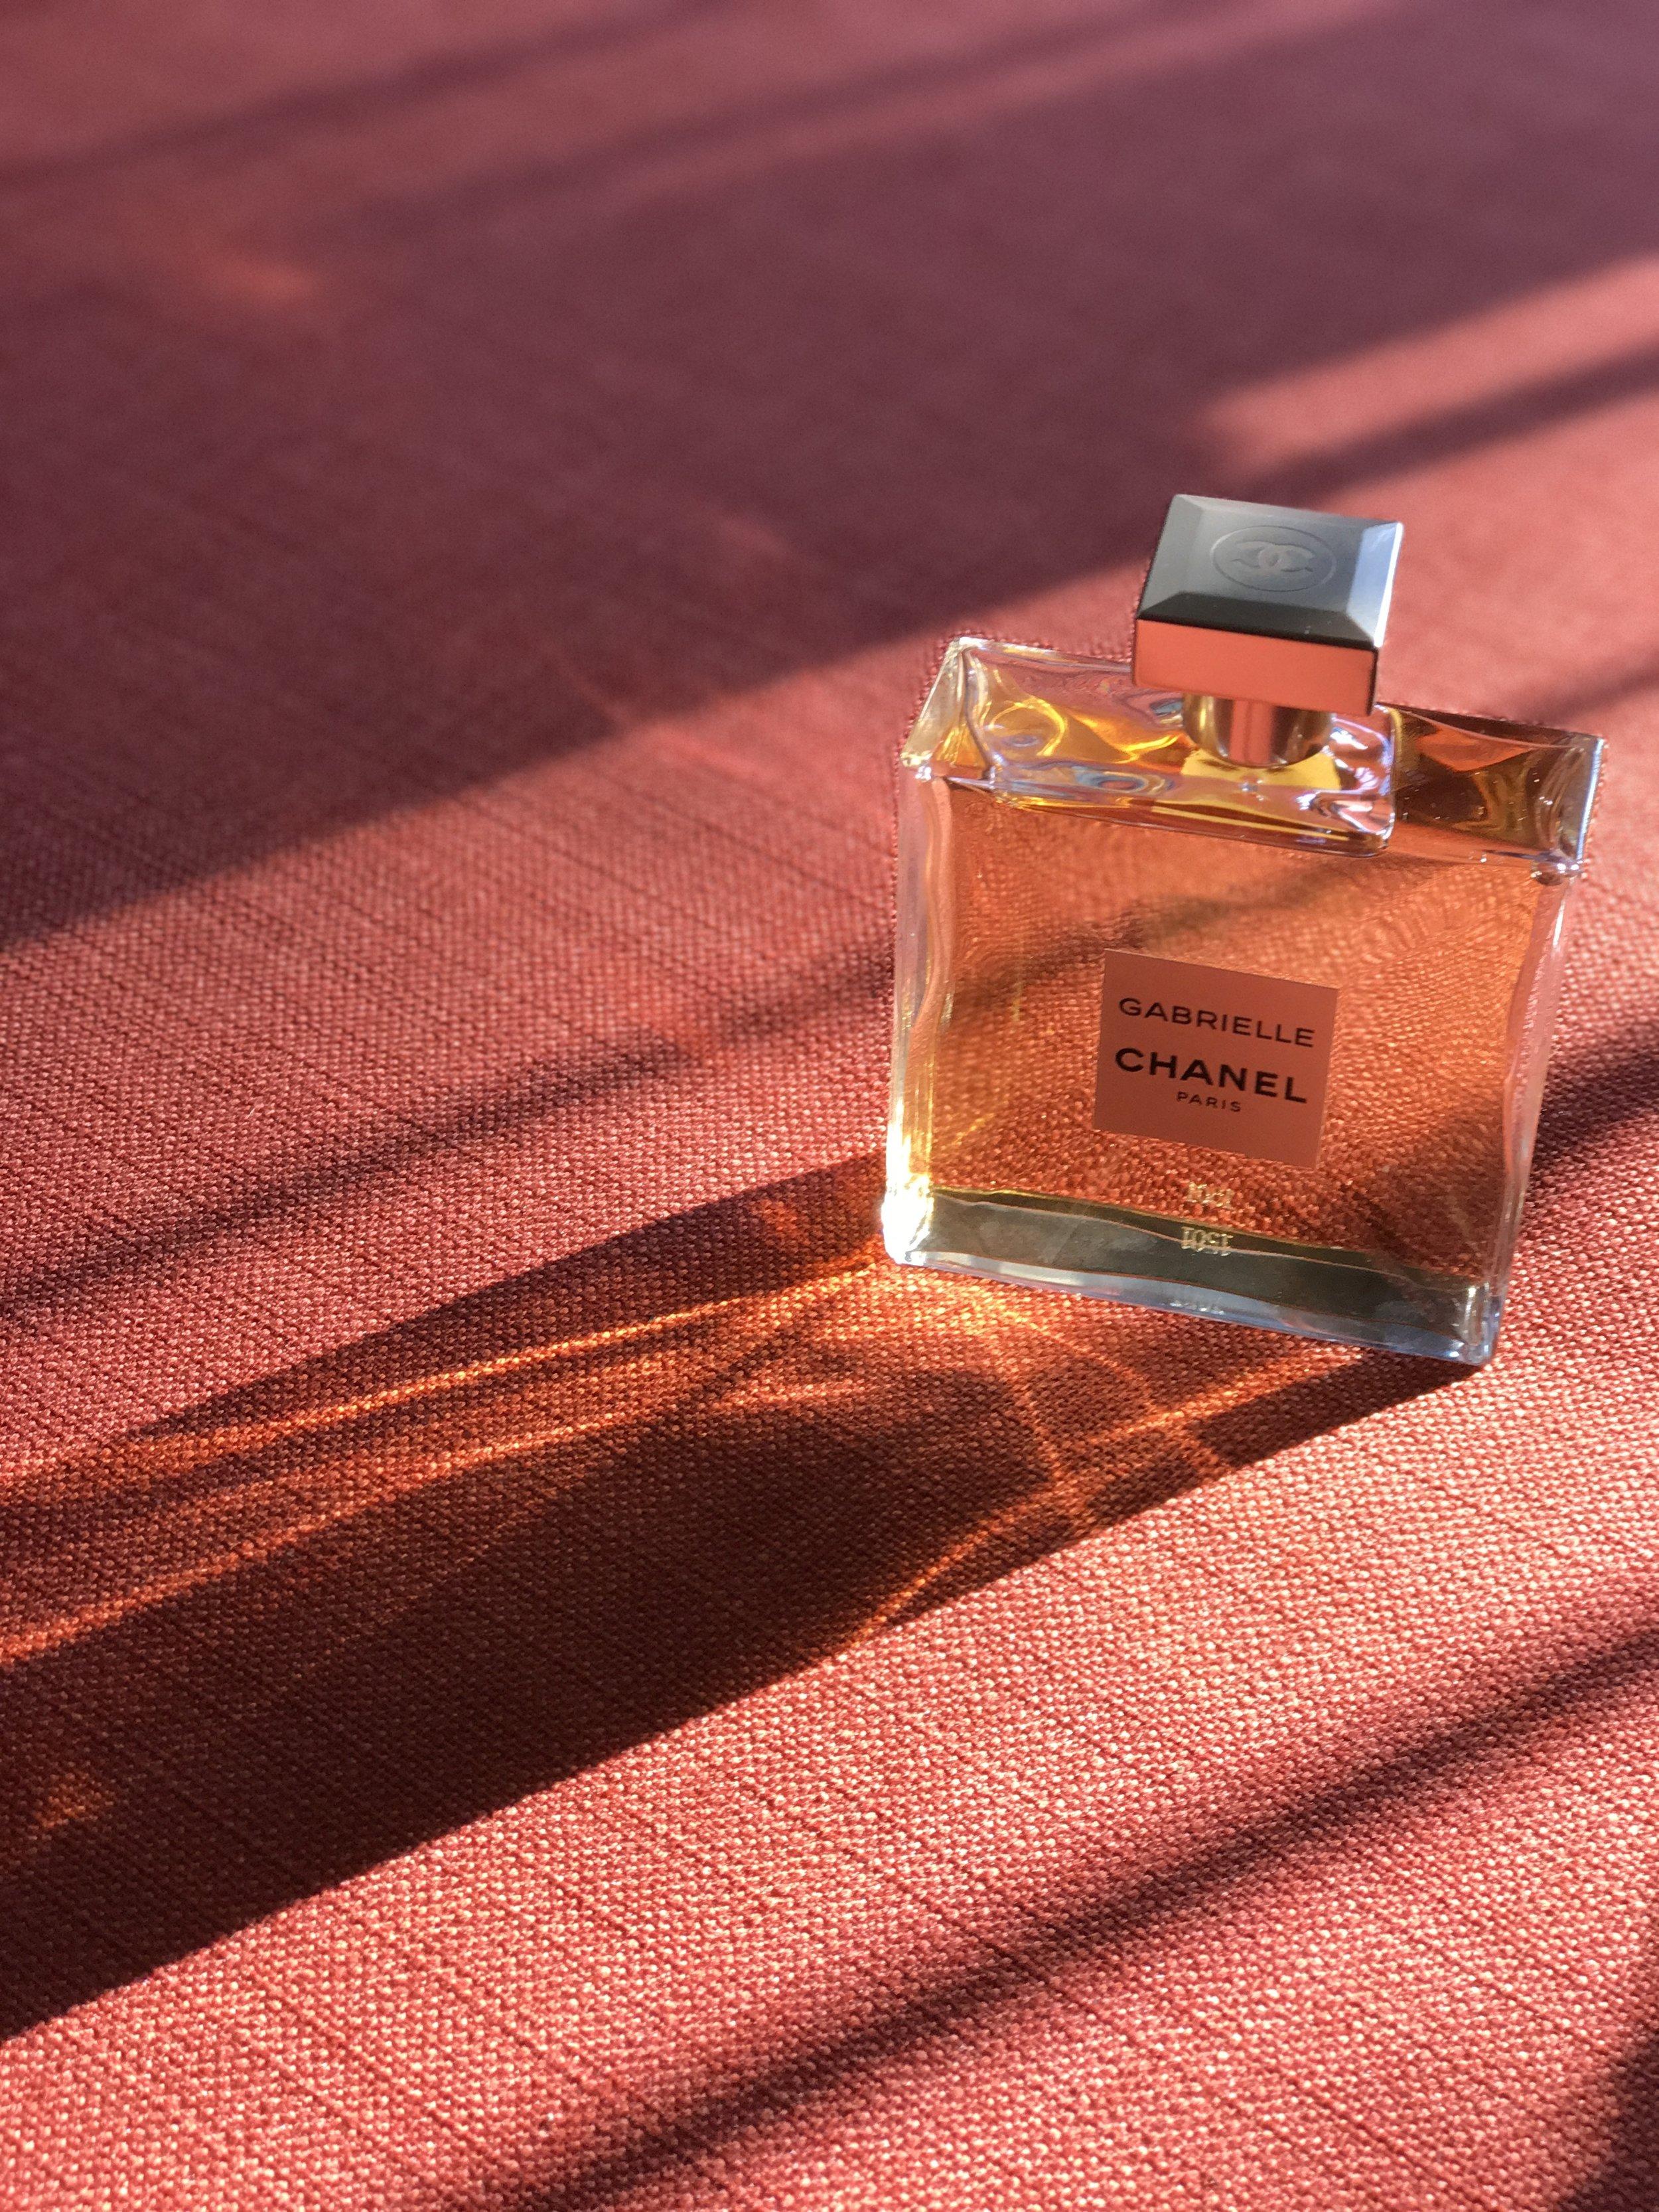 gabrielle chanel EDP perfume